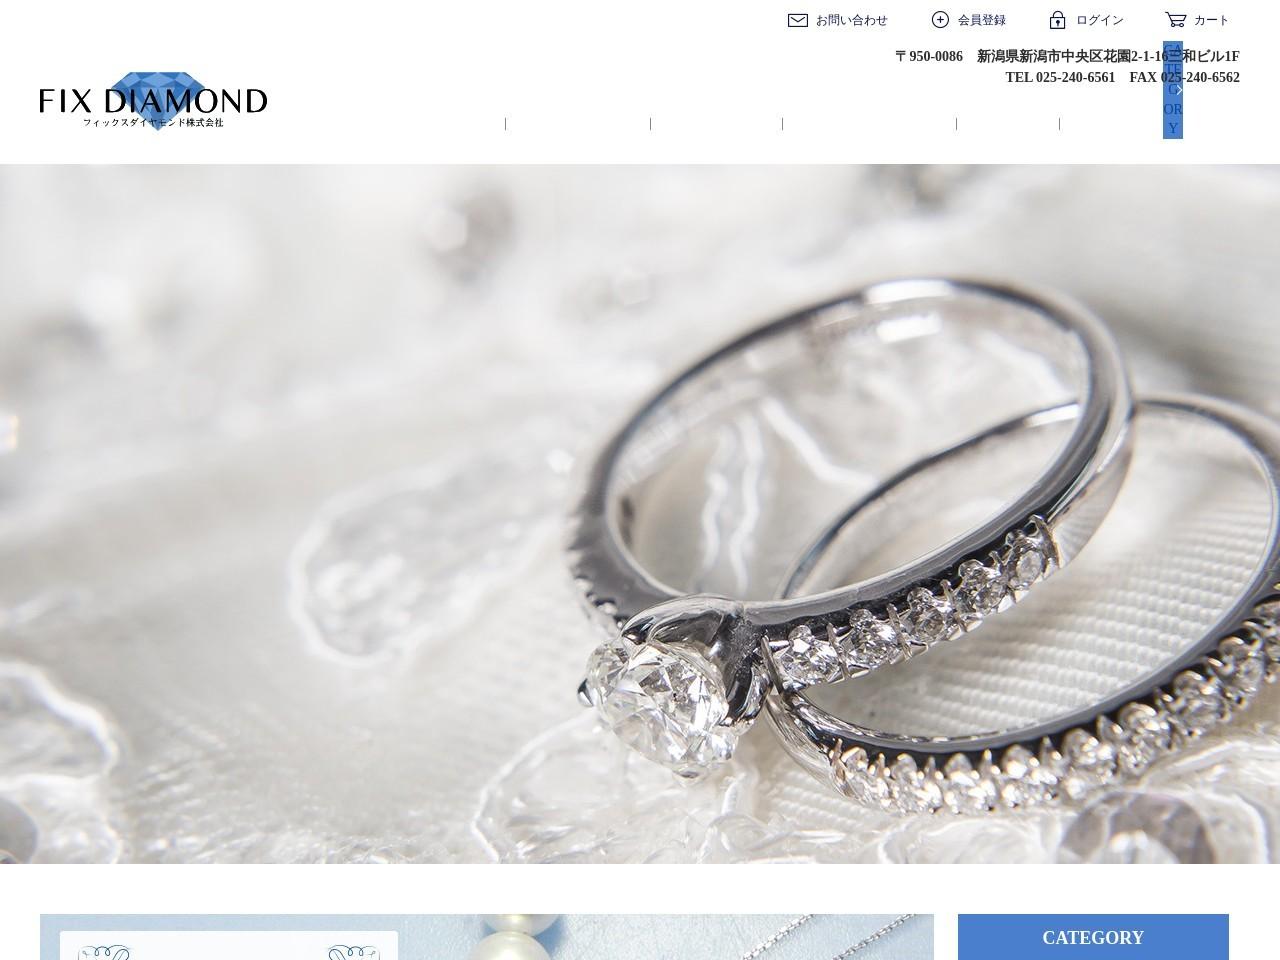 パワーストーン販売、結婚相談所なら|フィックスダイヤモンド